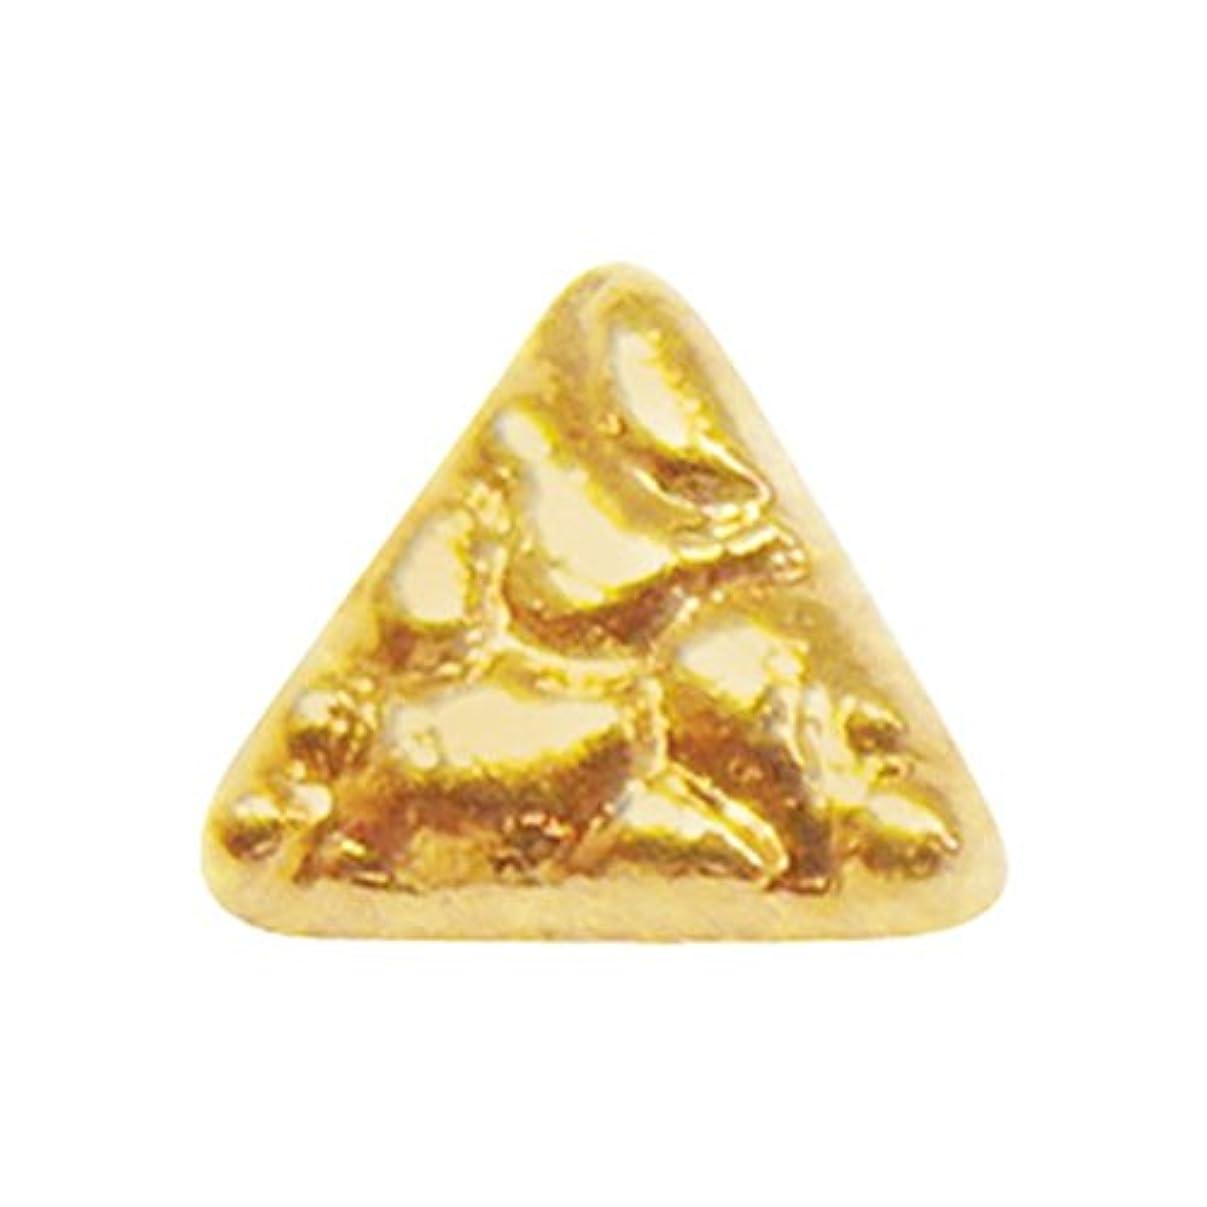 テザーじゃないバーベキュージェルネイル  サンシャインベビー アンティーク トライアングル(ゴールド) 10P